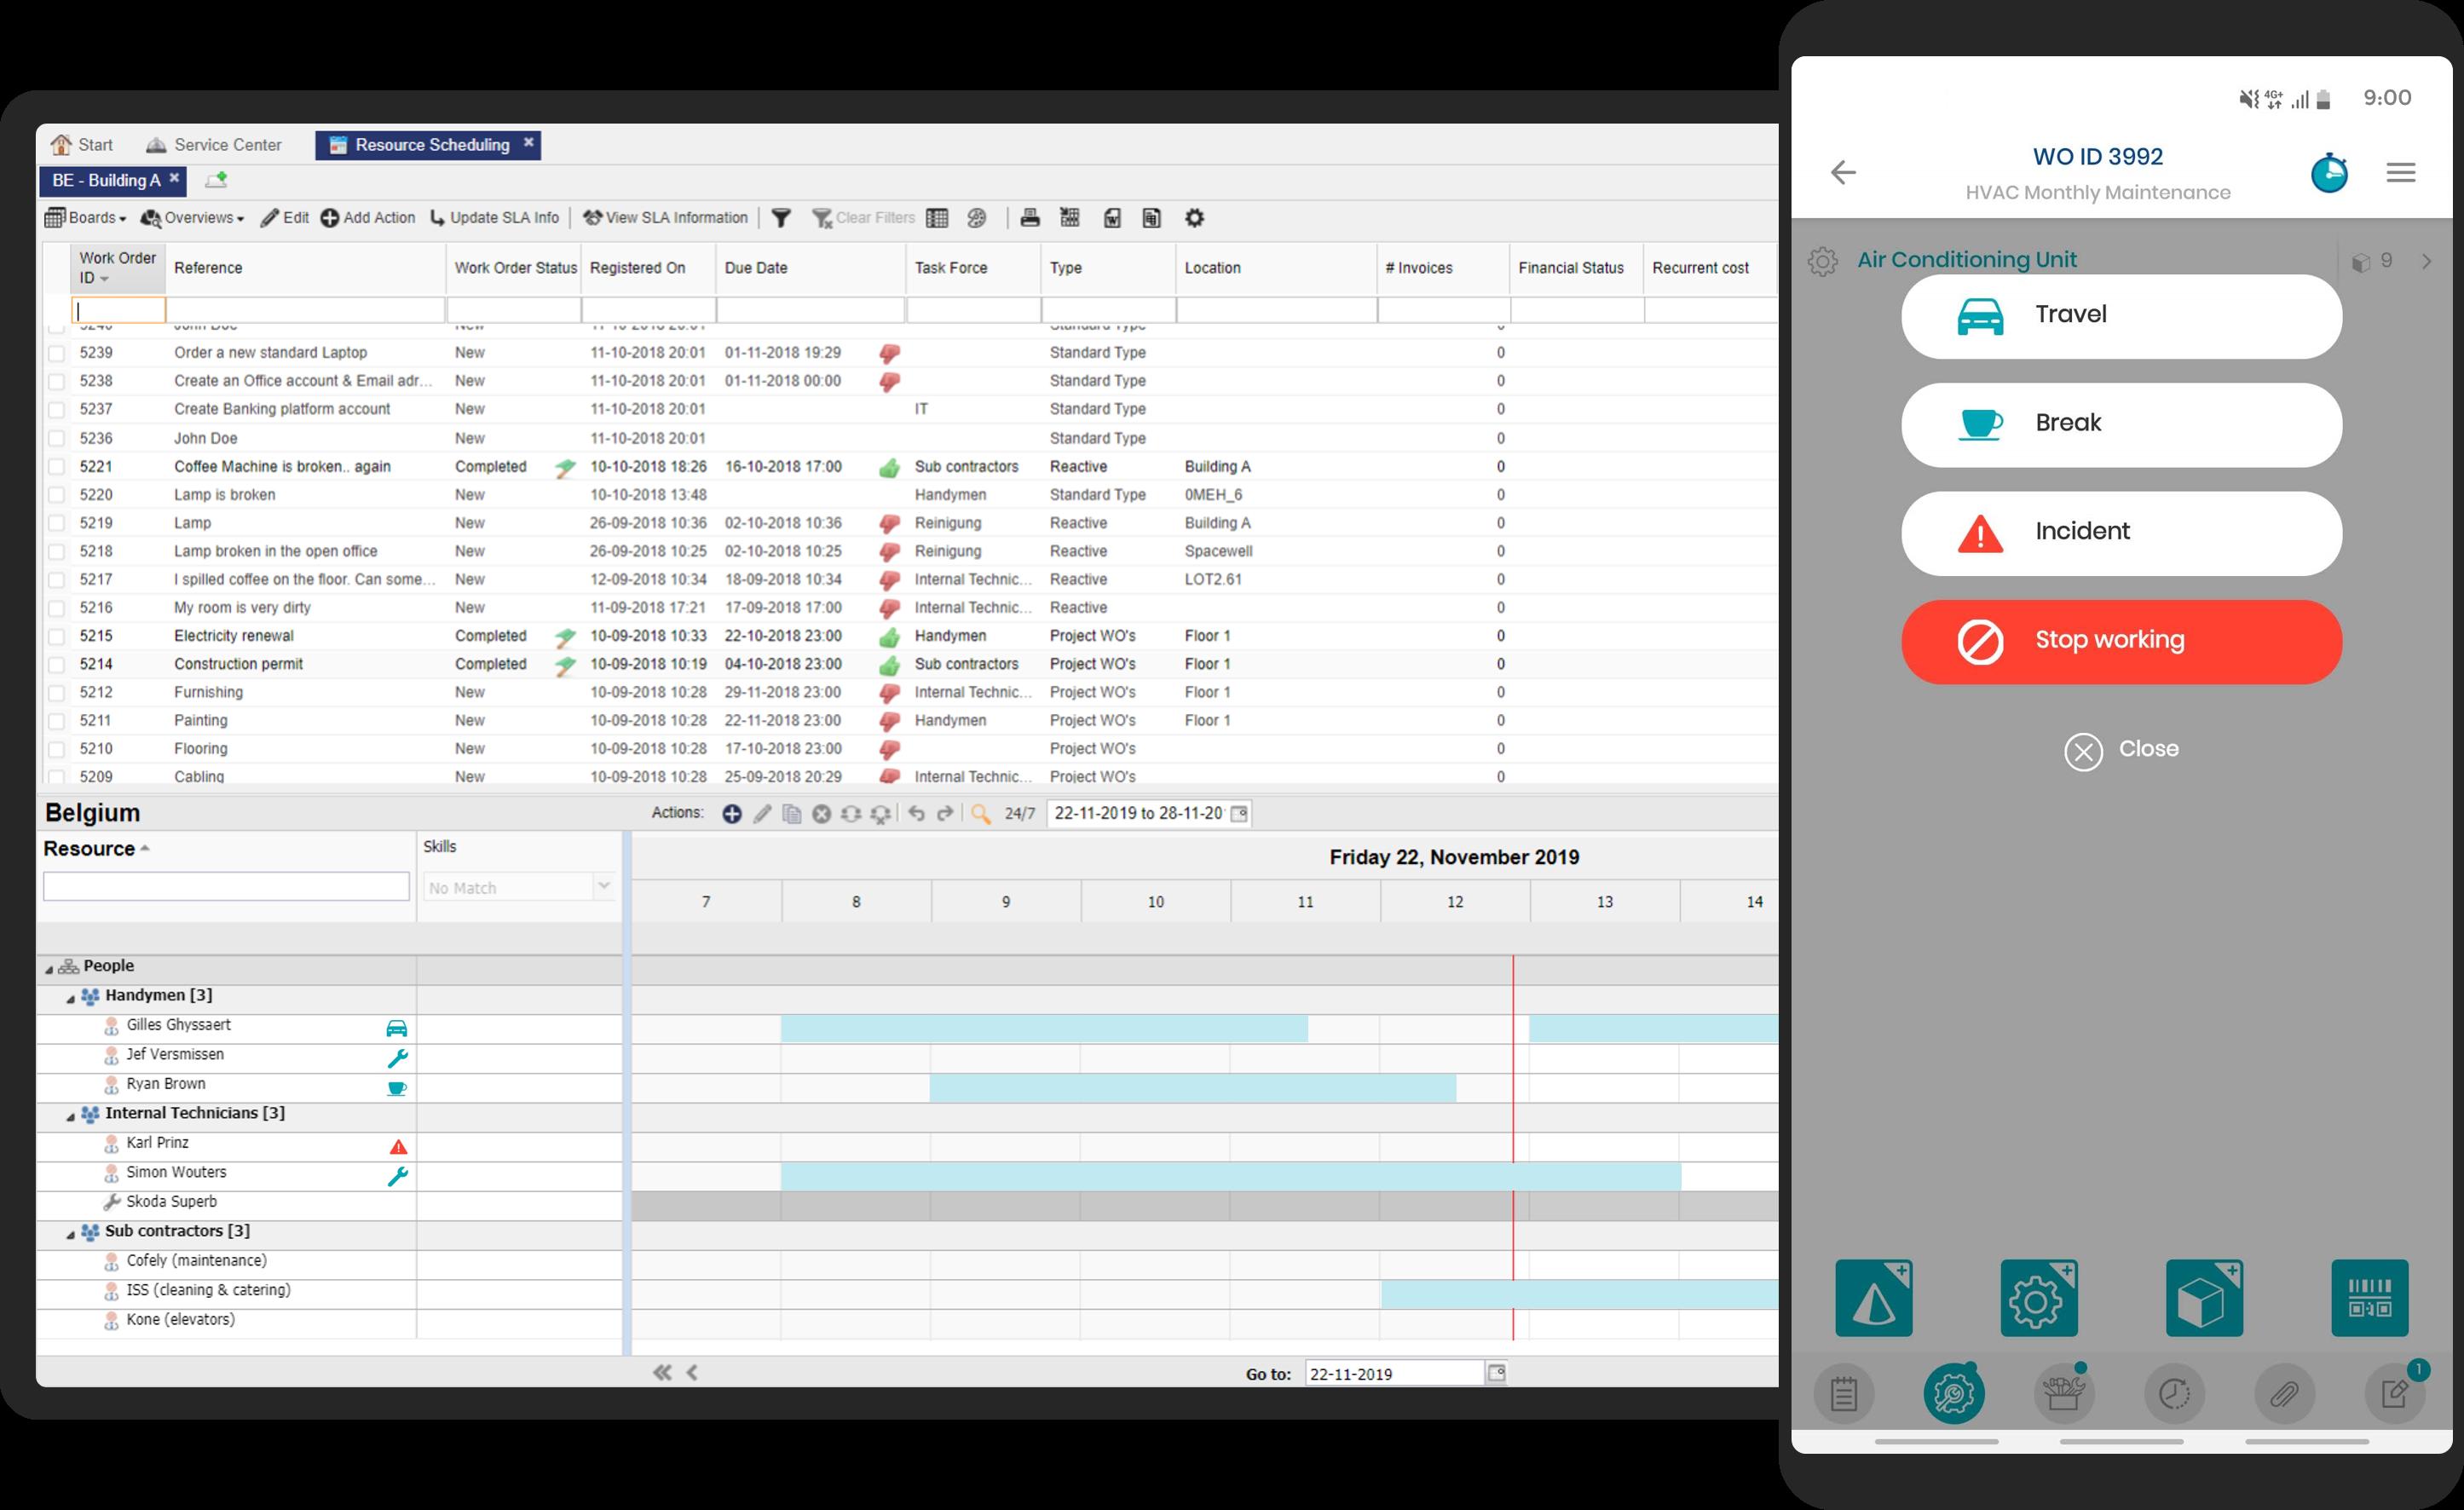 Spacewell Software - Work scheduler & work status